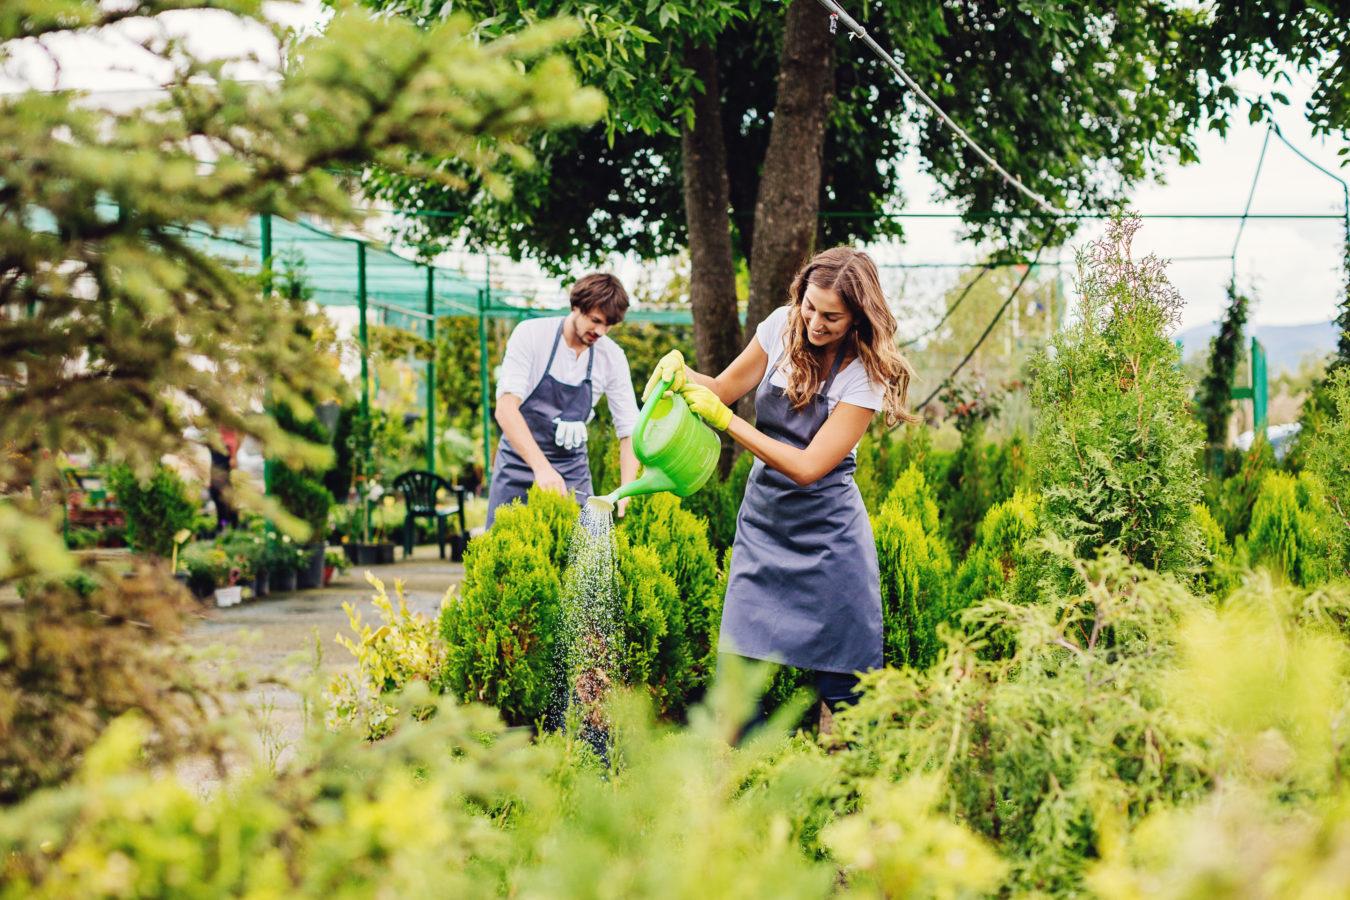 Unge jobber på et gartneri. Pike vanner grønn busk. Foto: Istock